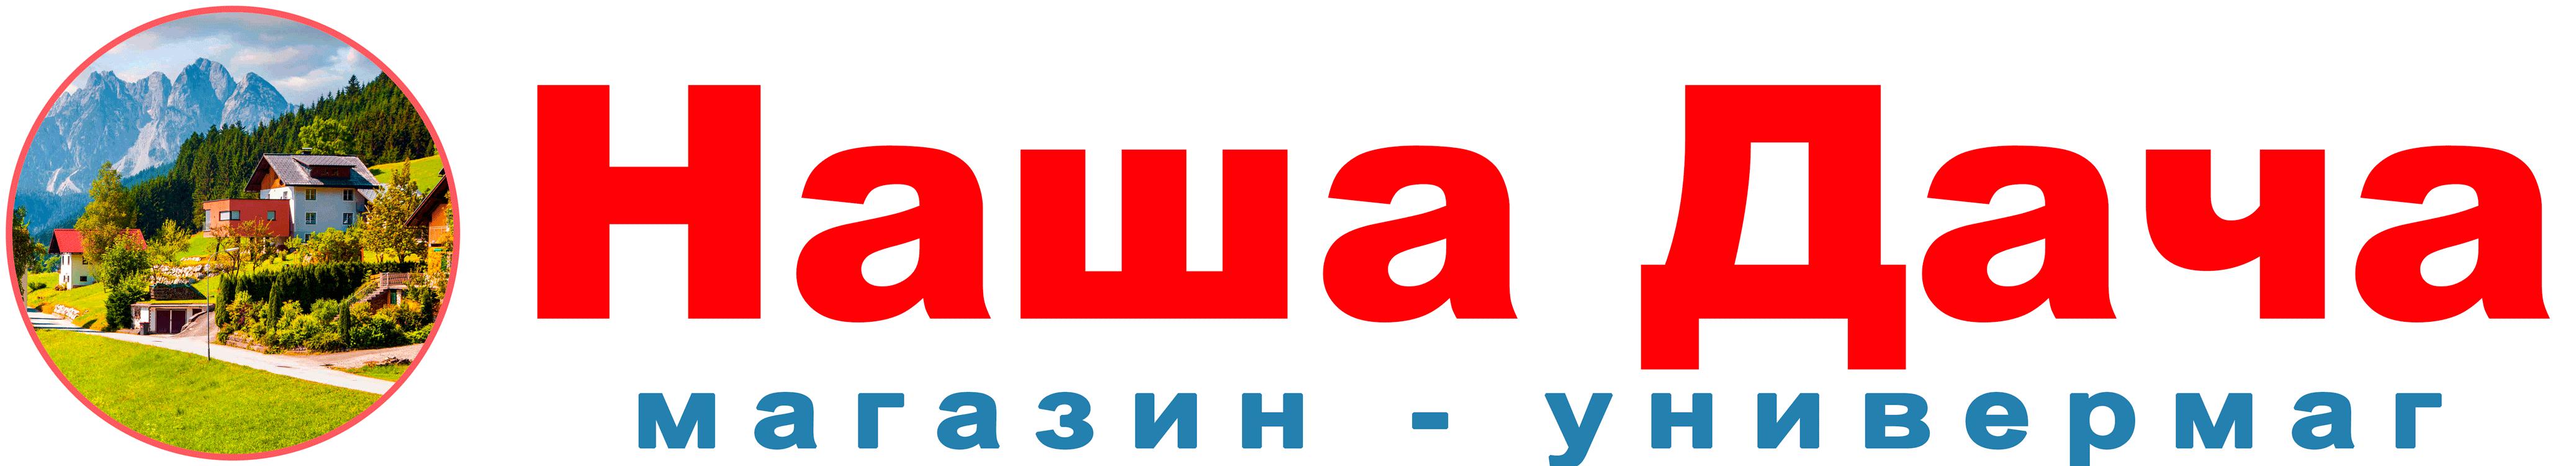 Наша Дача - магазин